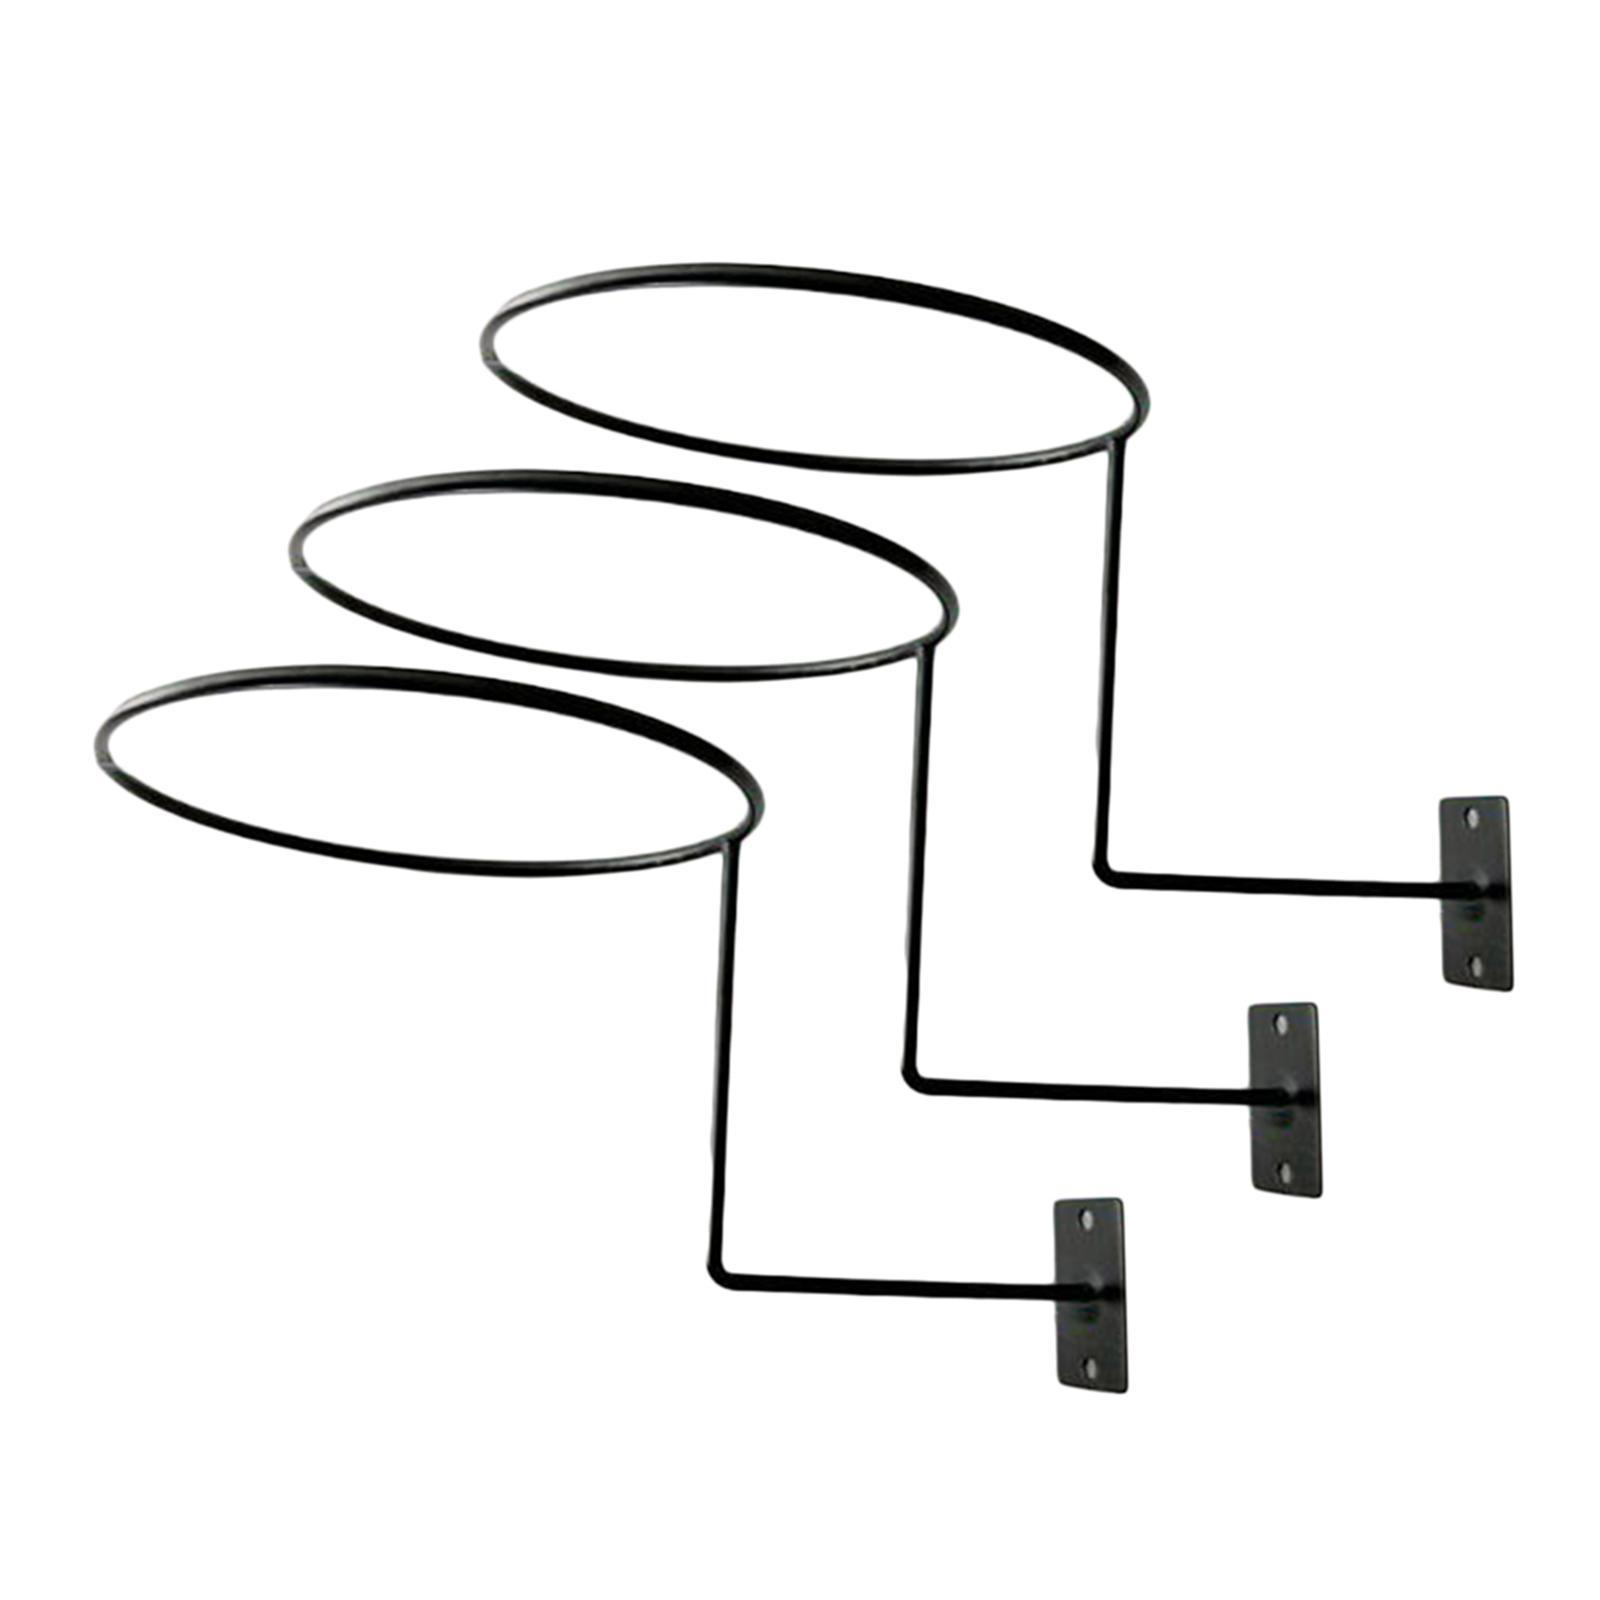 Supporto-per-casco-in-3-pezzi-supporto-per-cappello-supporto-a-muro-supporto miniatura 13